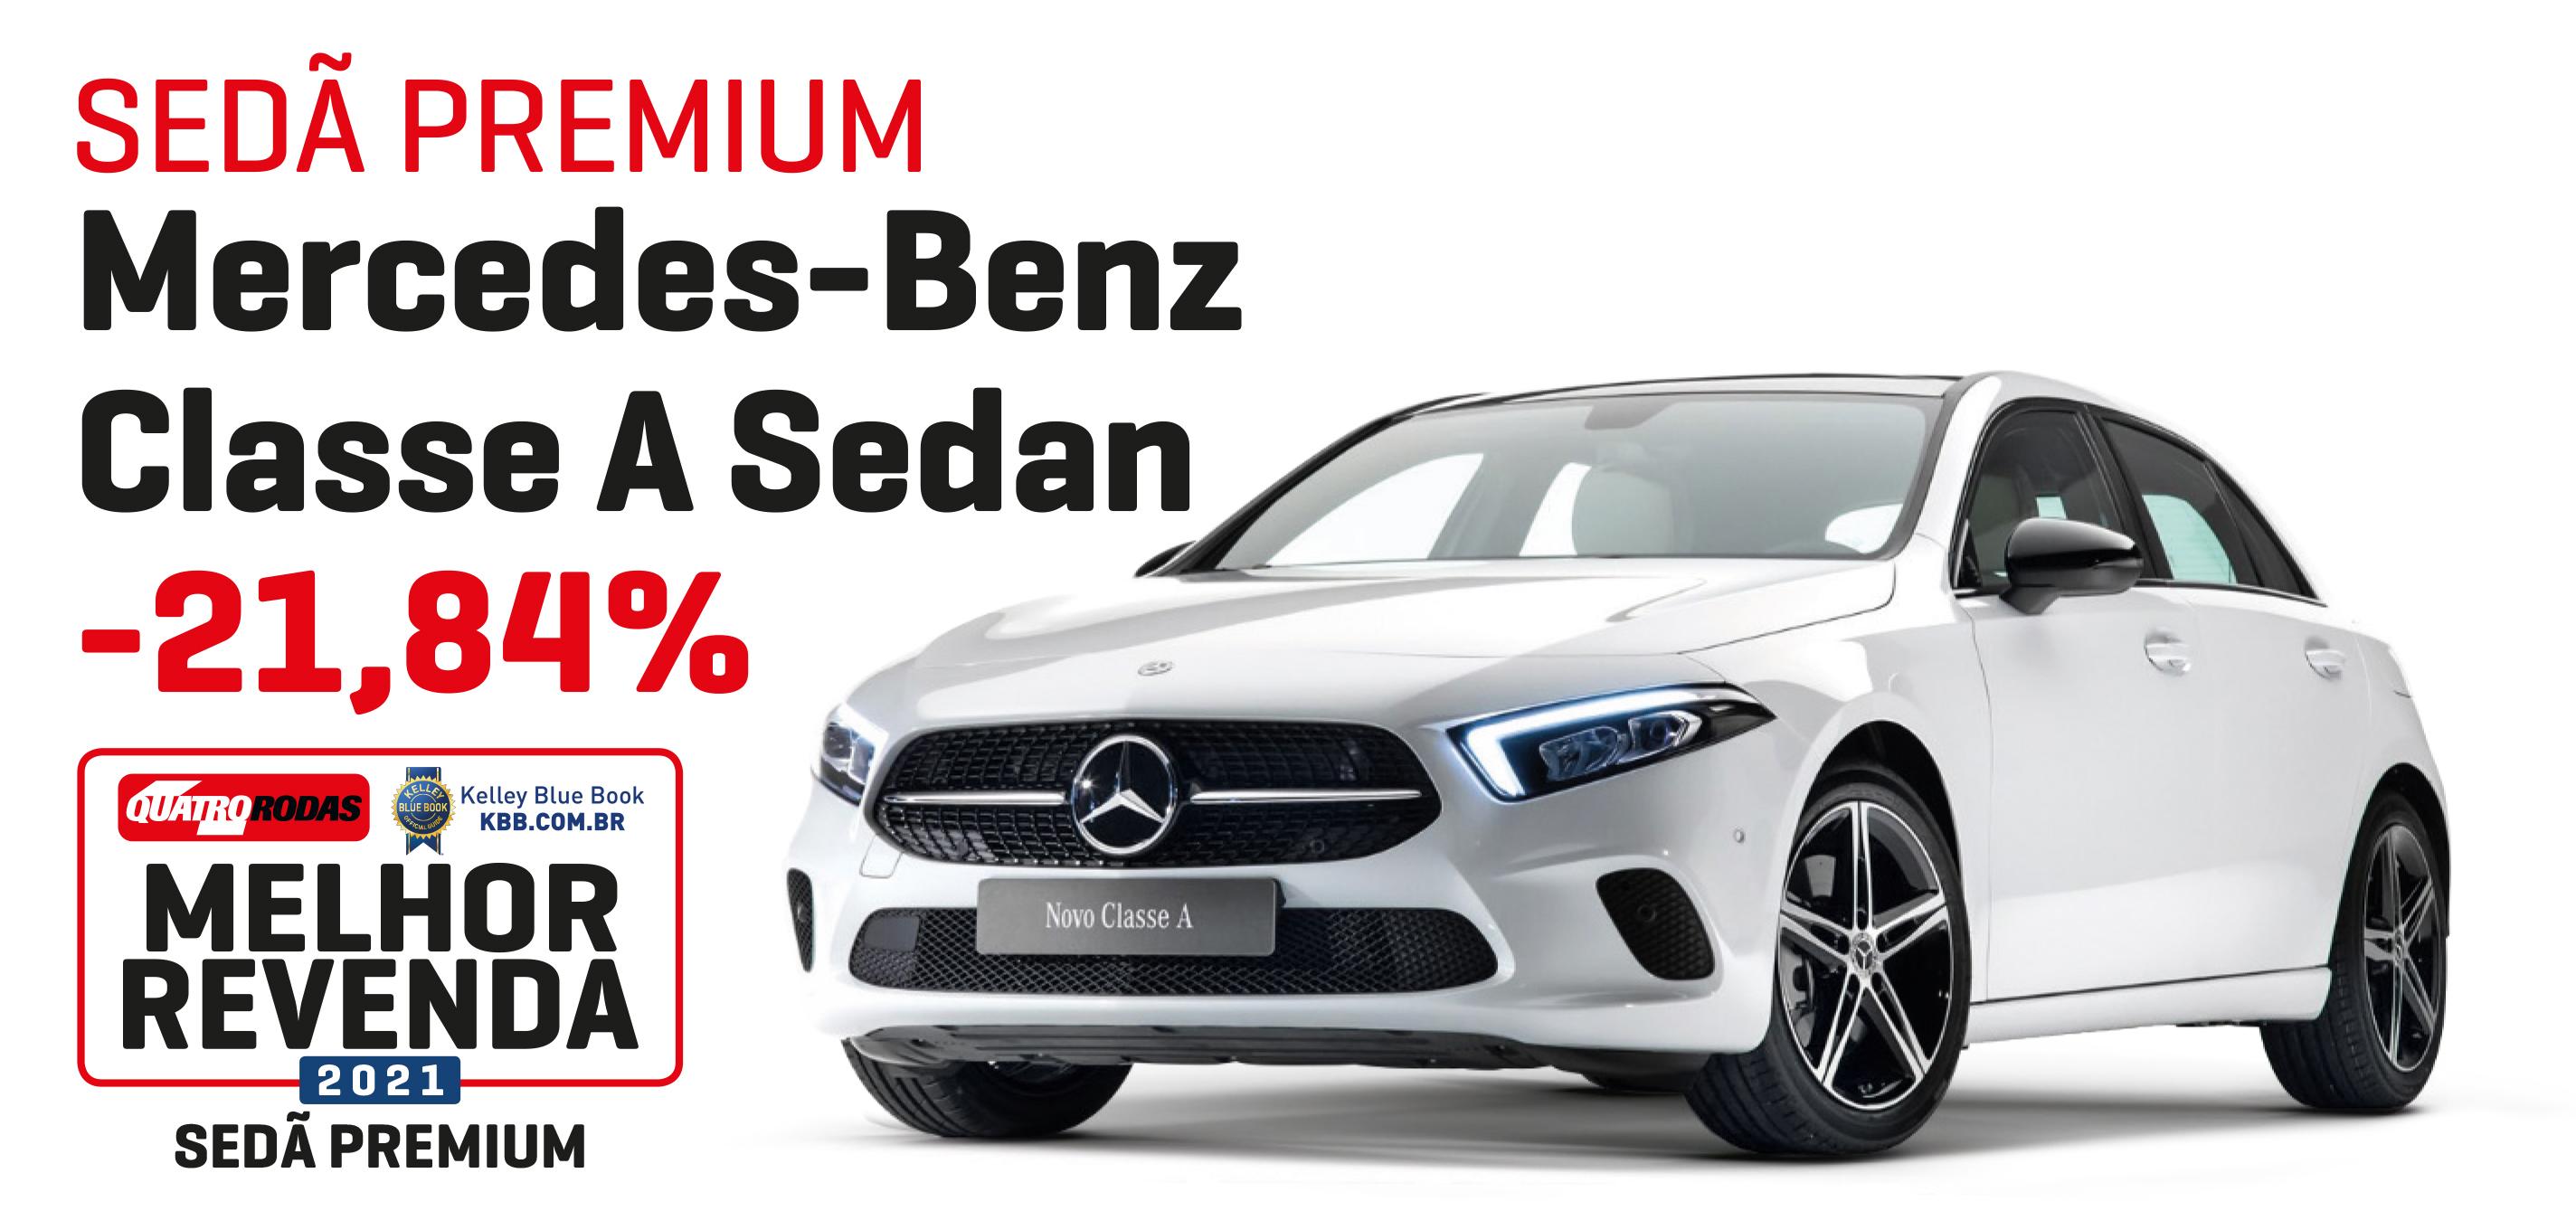 Sedã Premium